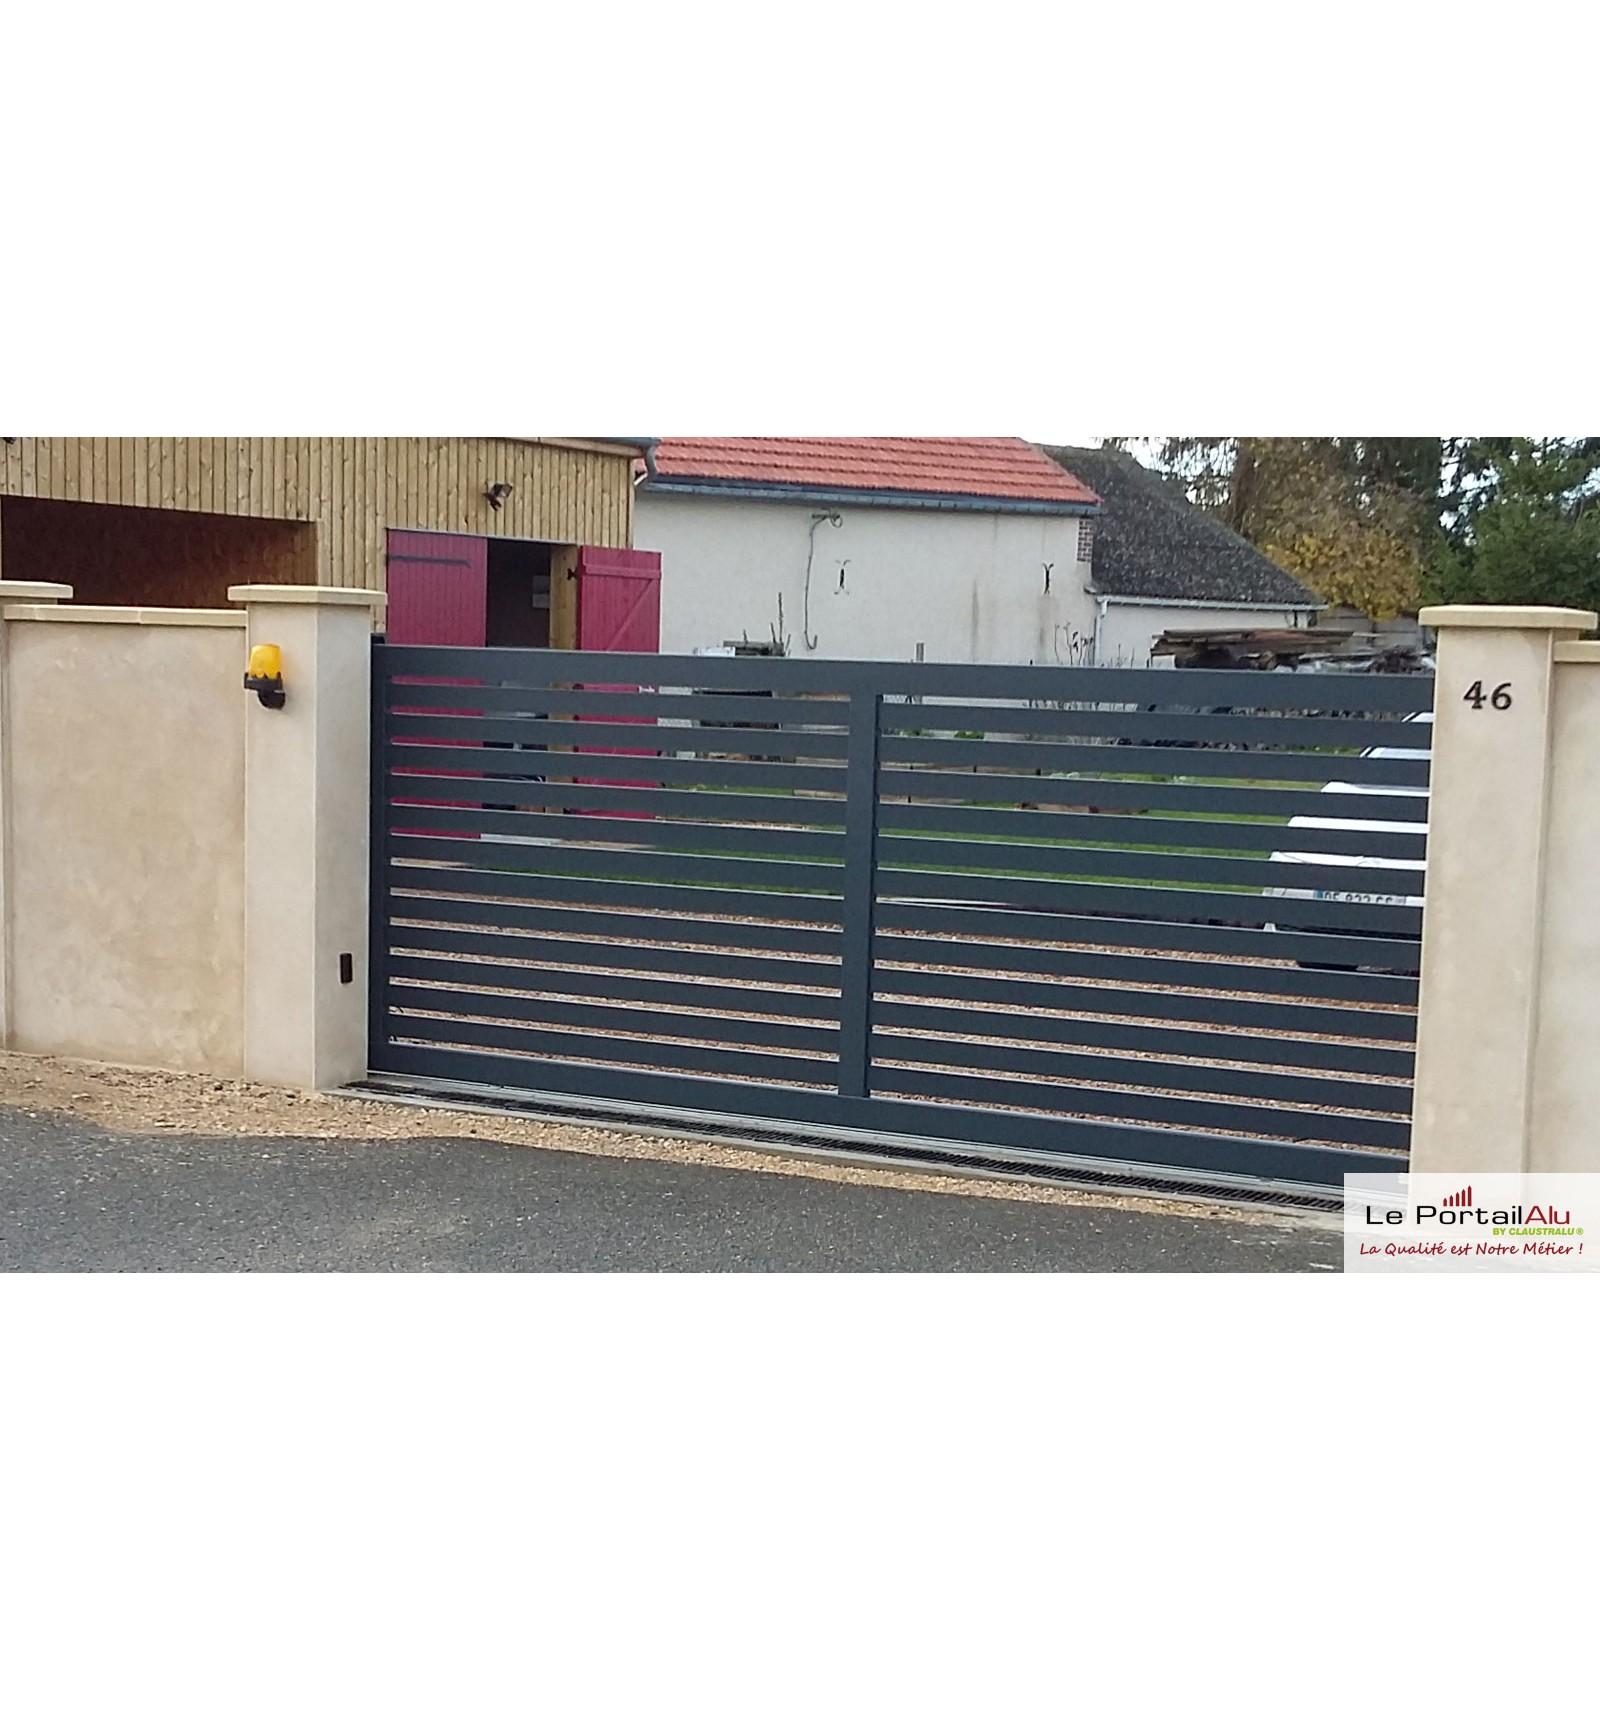 Portail Coulissant Pas Cher Ajoure En Aluminium Leportailalu